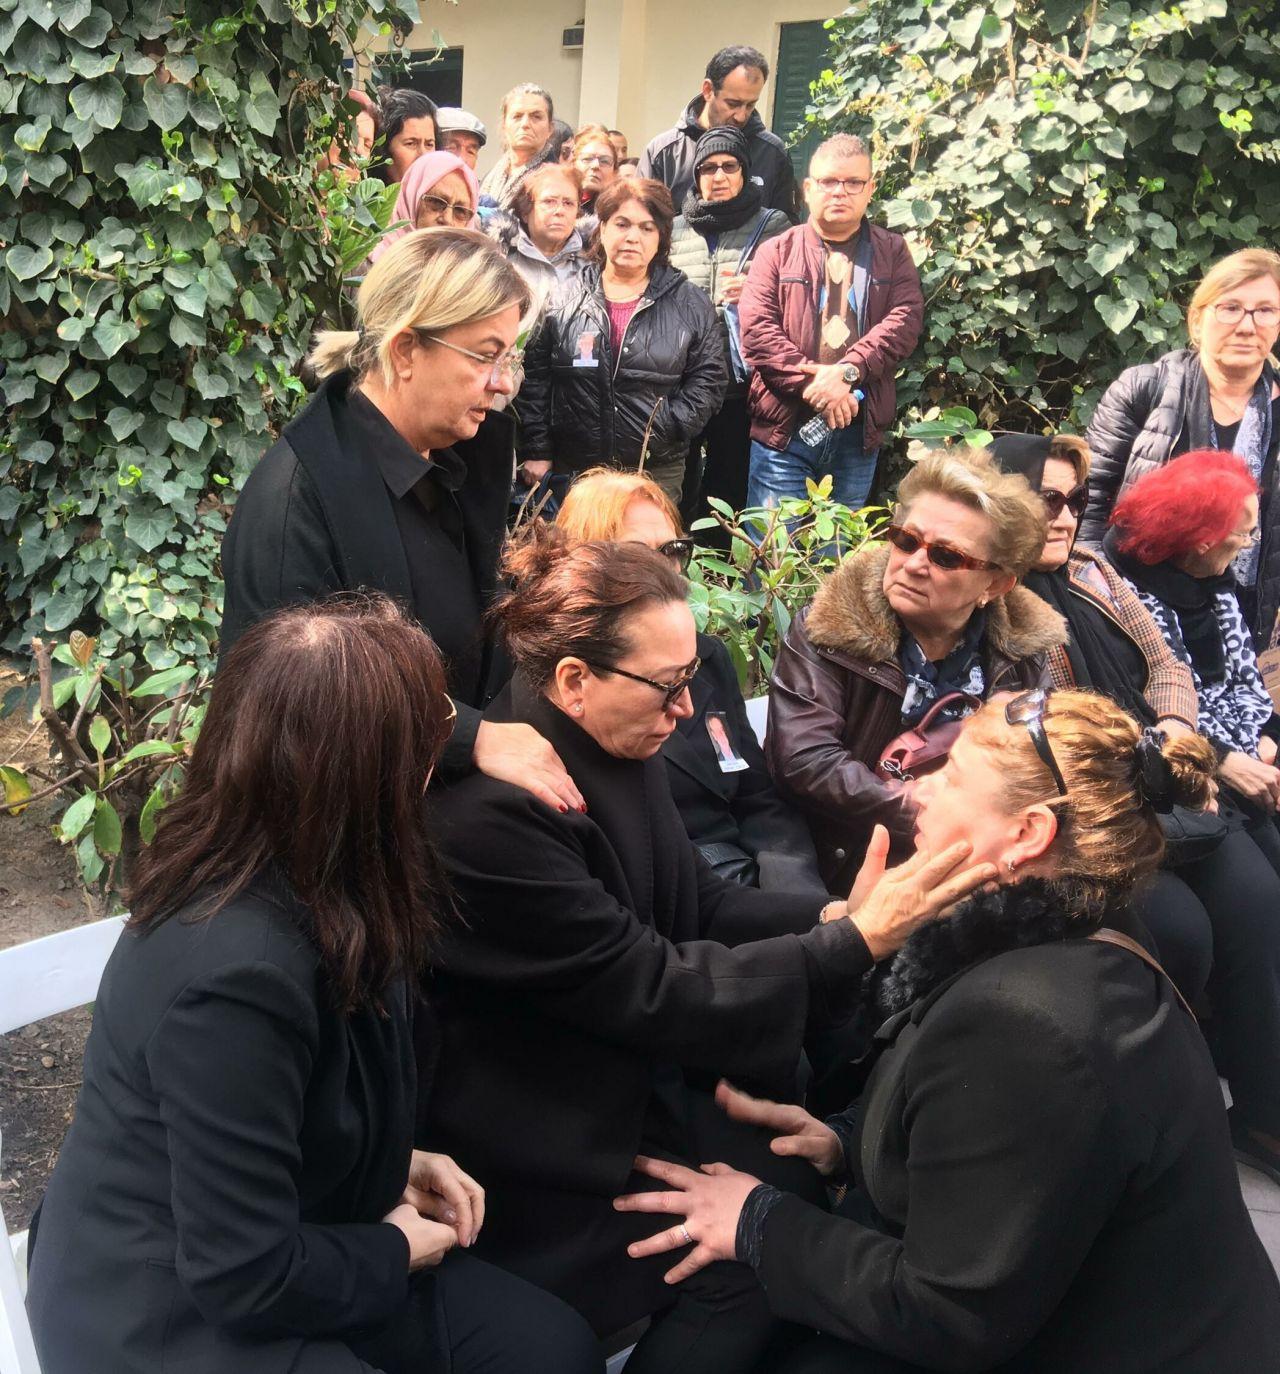 Demet Akbağ eşi Zafer Çika'nın cenazesinde ağlayarak Ata Demirer'in eline sarıldı - Sayfa 2